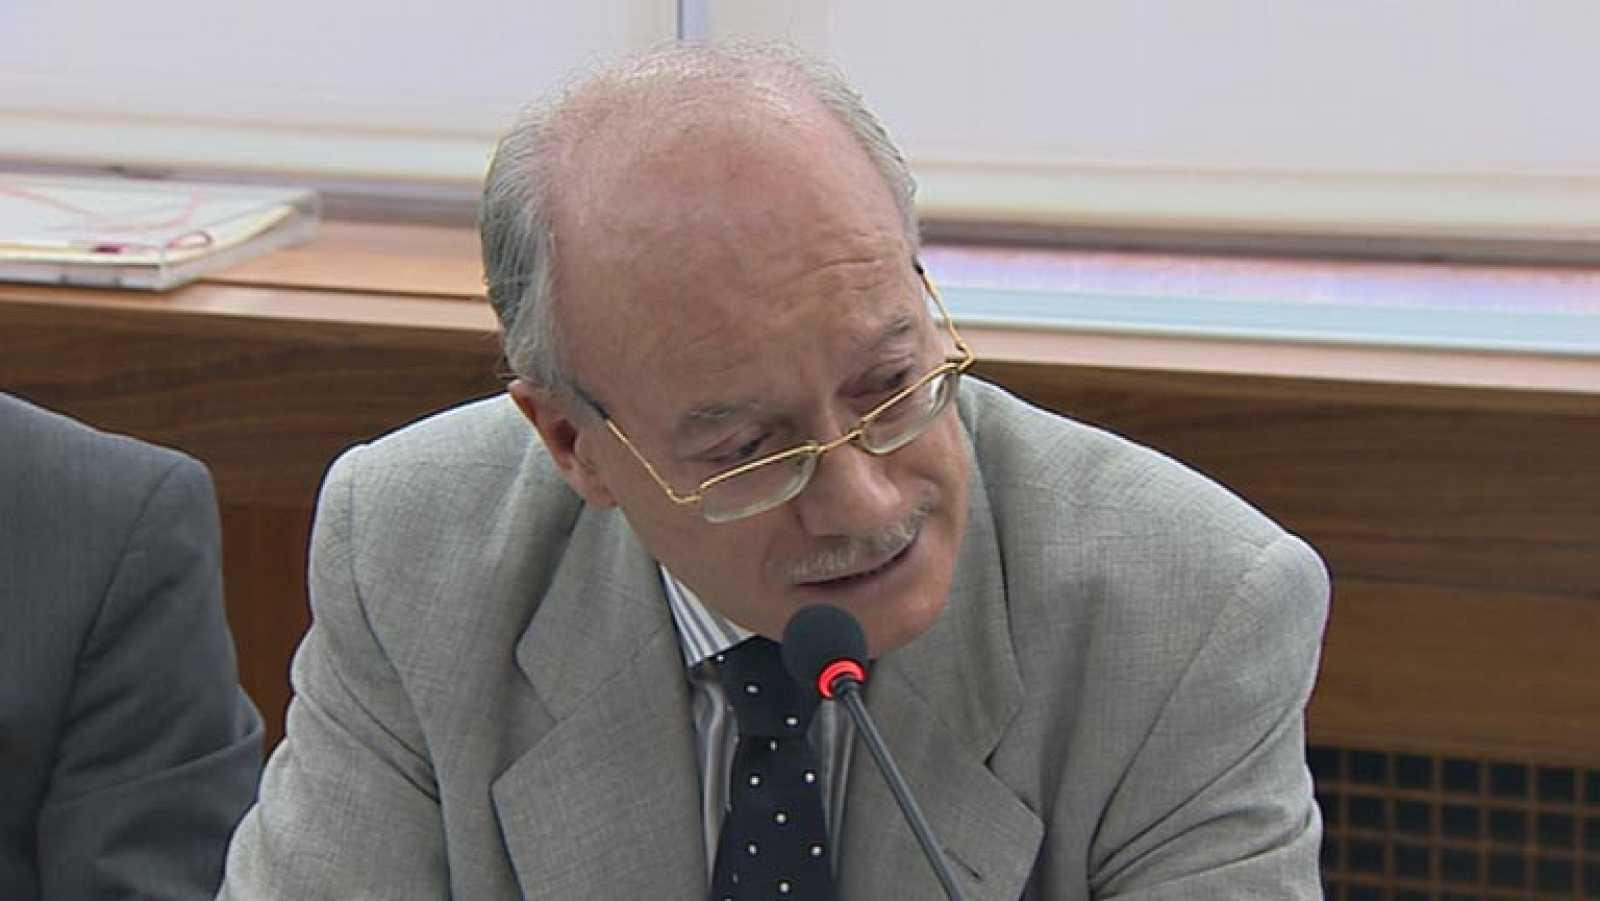 José Luis Feito pide jubilarse a los 70 años y cotizar 40 para cobrar el 100% de pensión